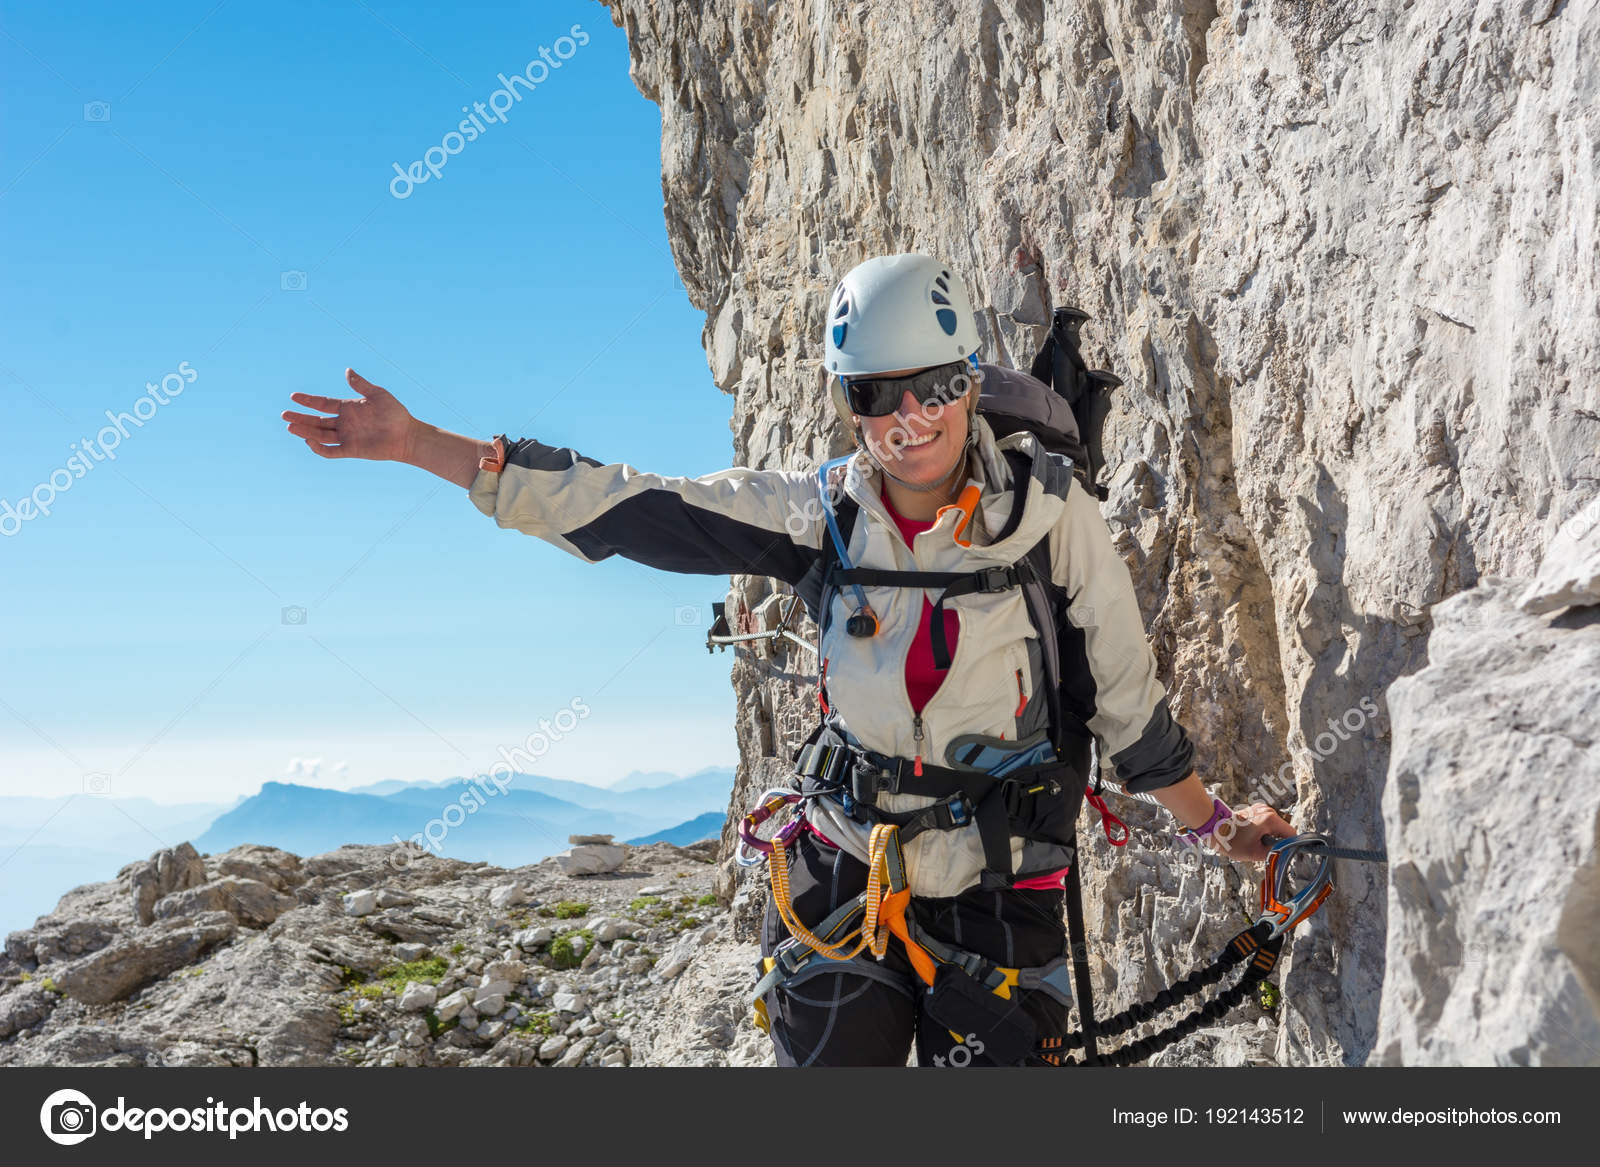 Klettersteig Weibl : Glücklich weibliche bergsteiger klettern klettersteig u stockfoto